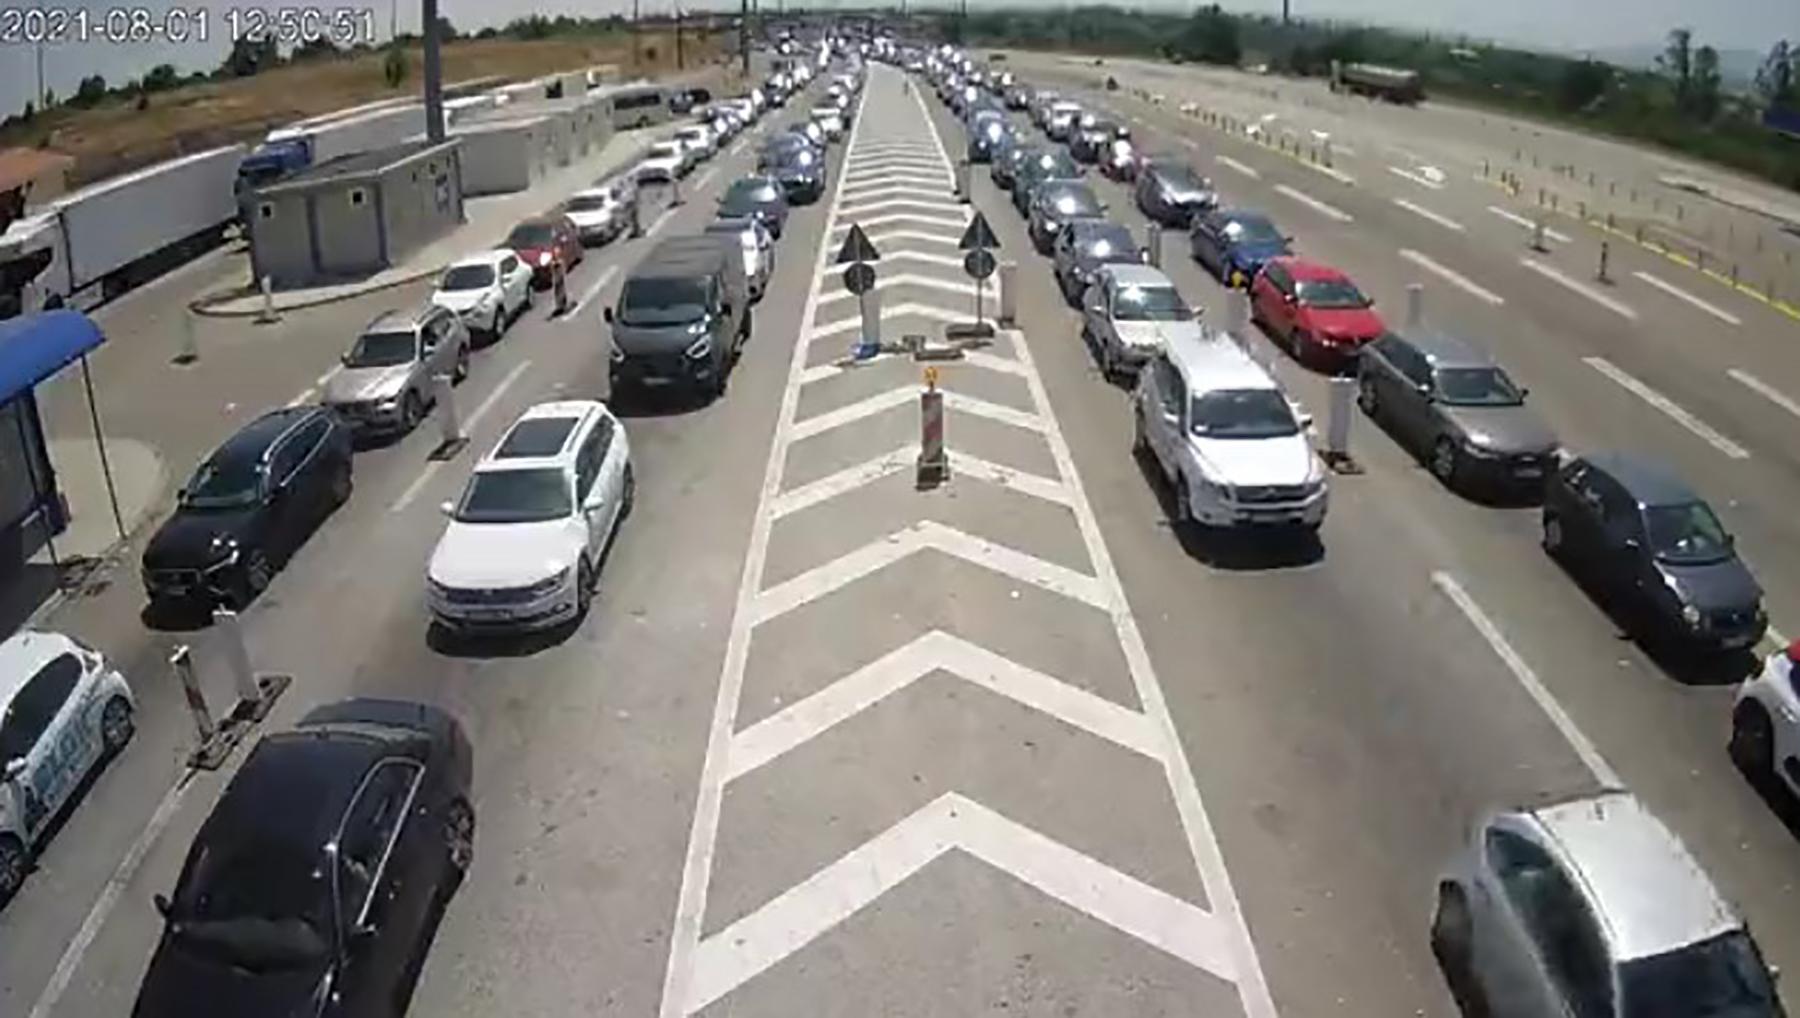 Saobraćajne gužve na graničnim prelazima, granicni prelaz saobracajna guzva